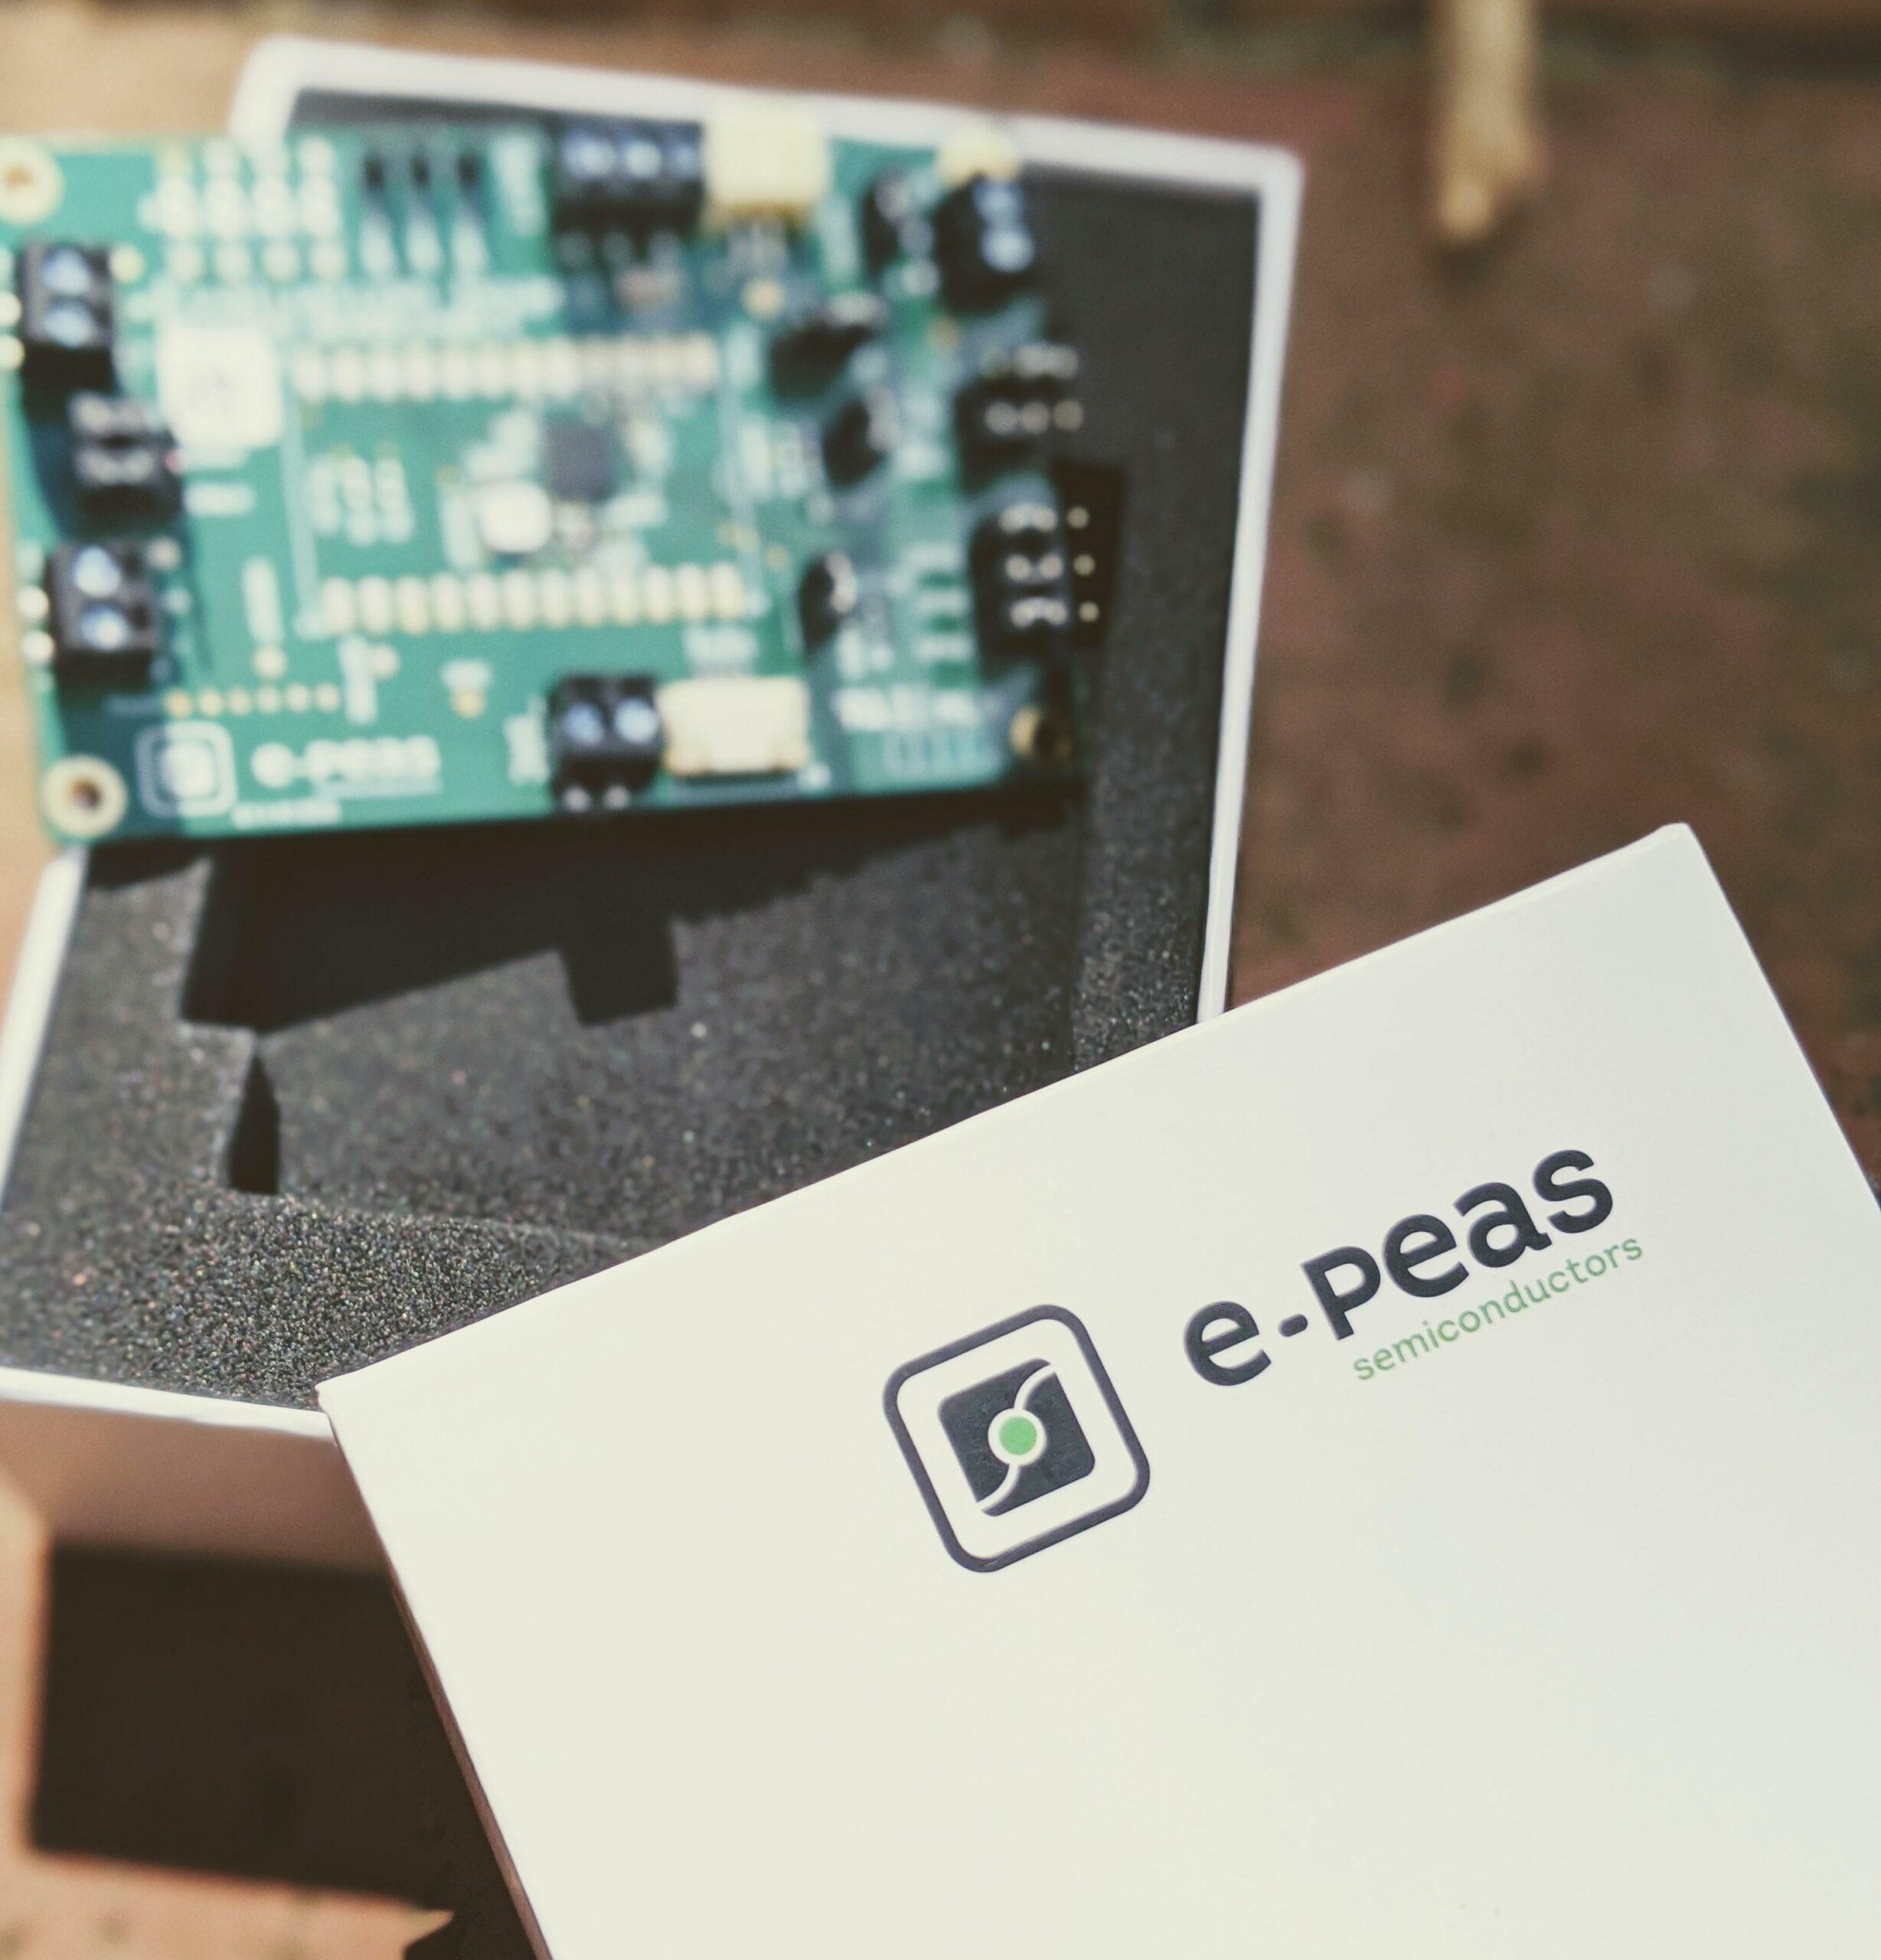 EVK10941 von e-peas richtig einstellen